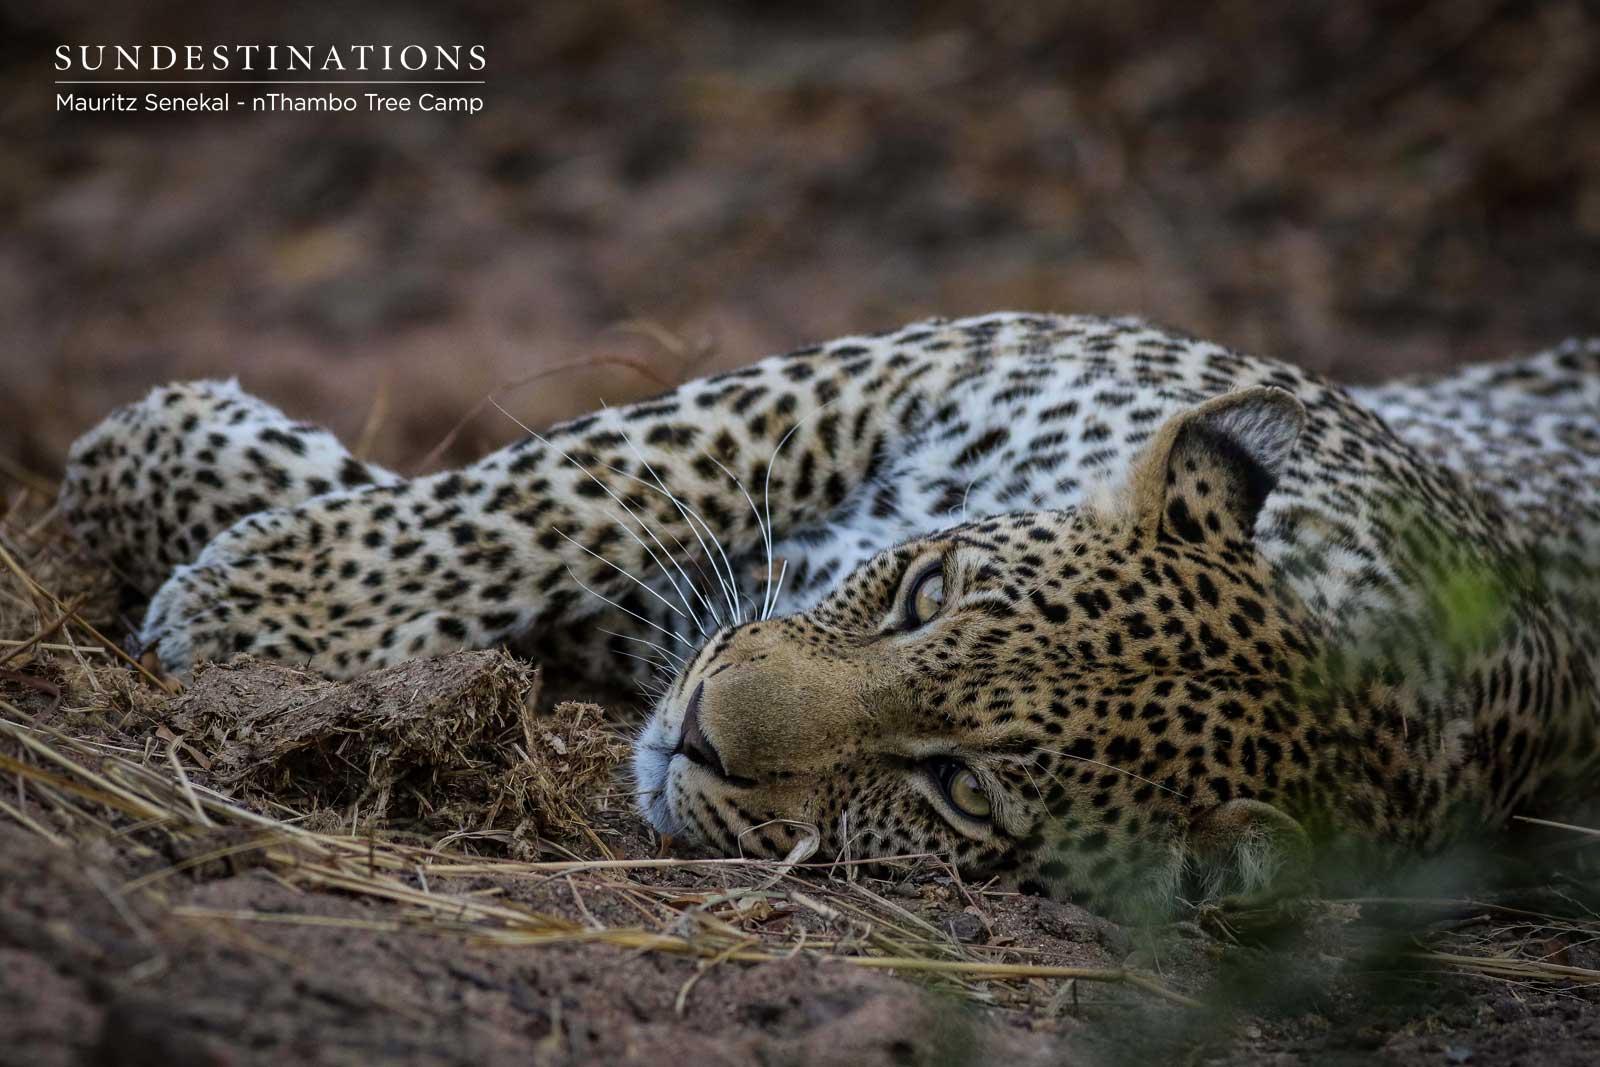 Bundu the Leopard